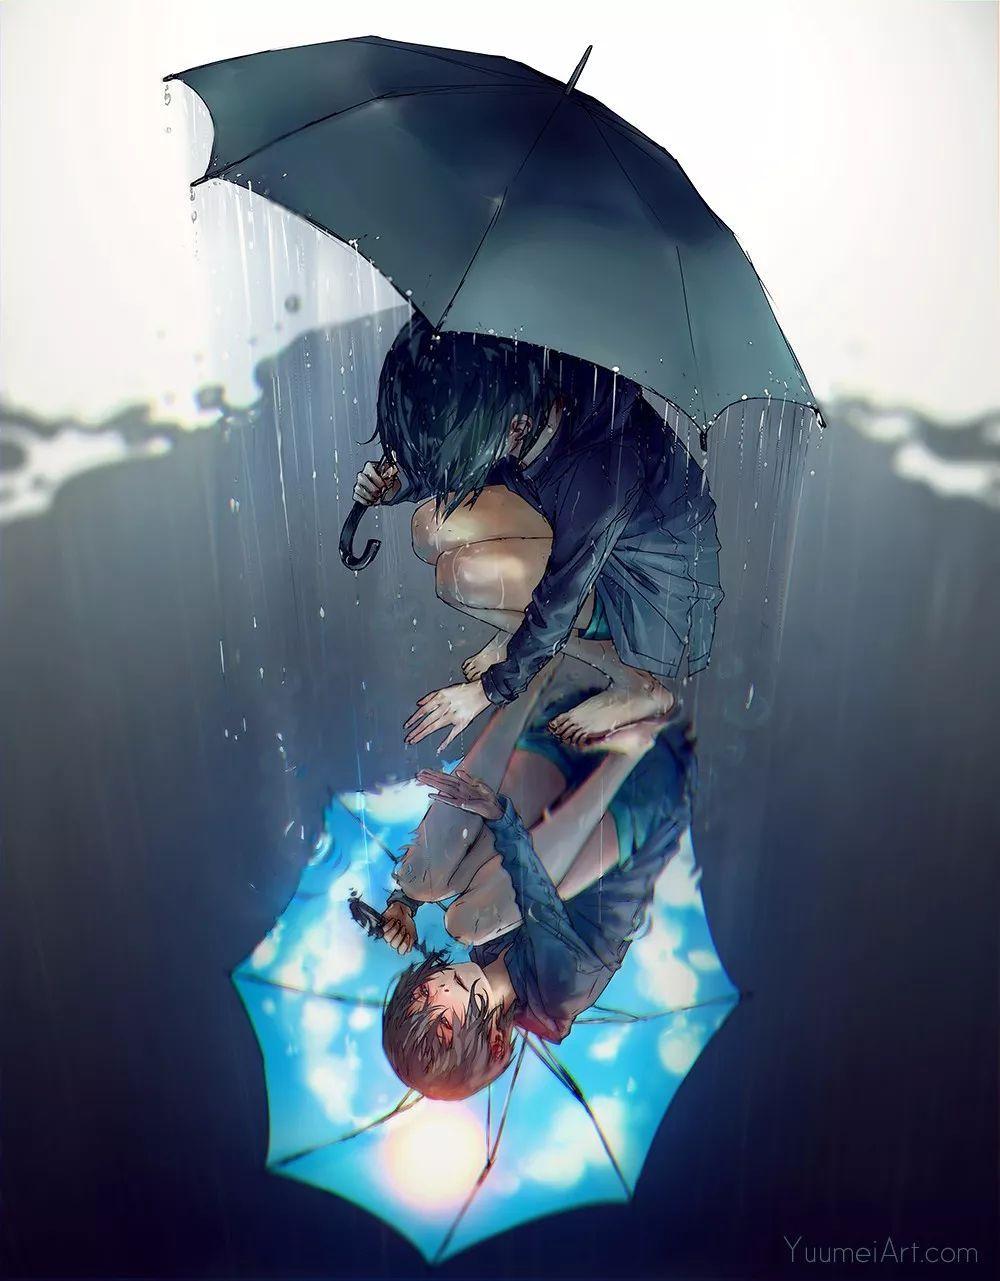 动漫人物壁纸 · 雨天